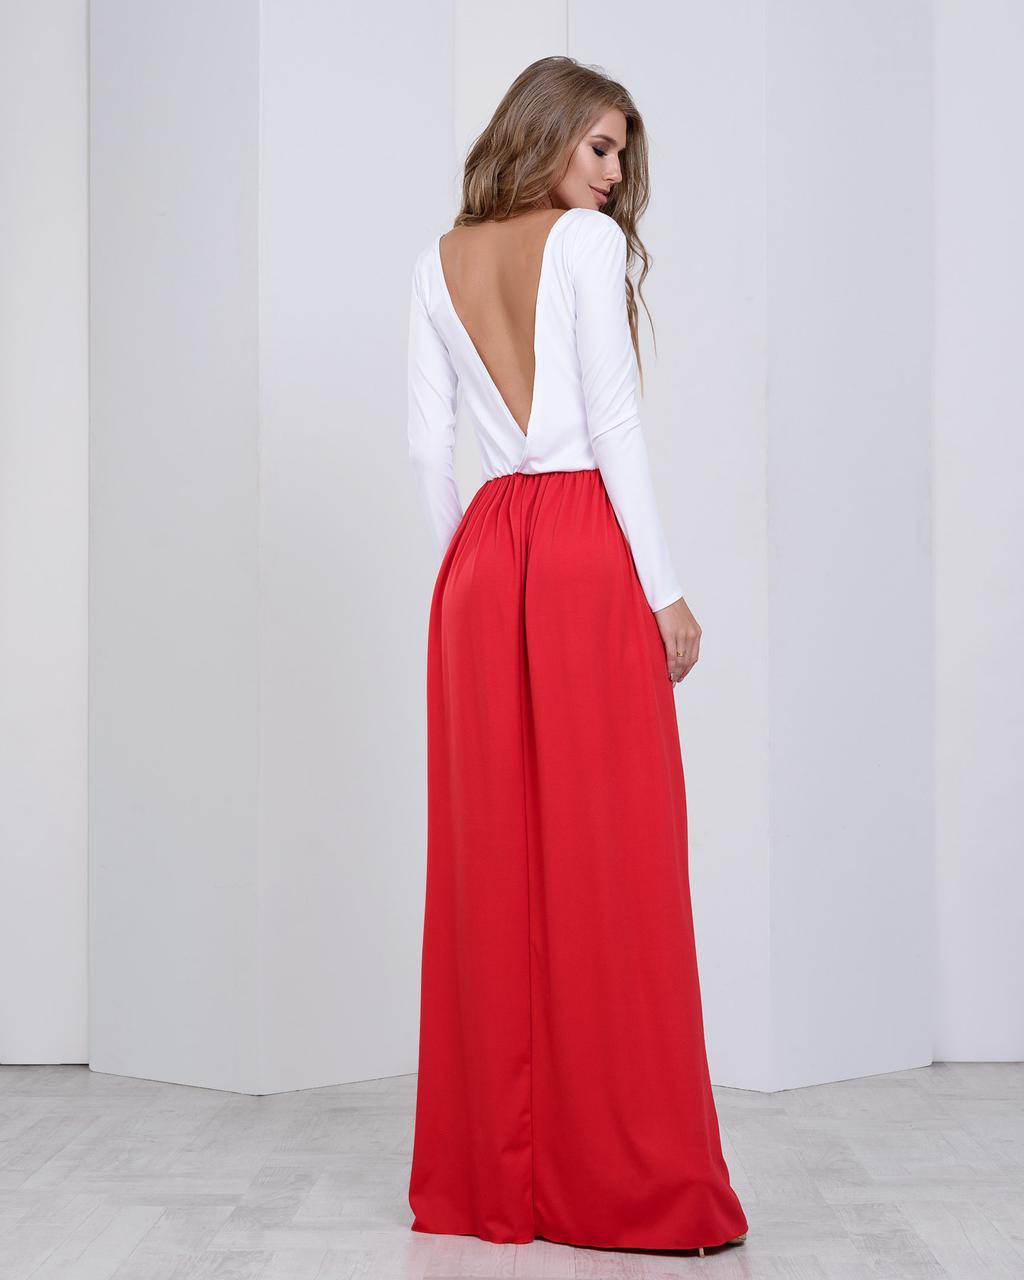 b262c09ce8a Красивое Платье в Пол с Открытой Спинкой Красный — в Категории ...